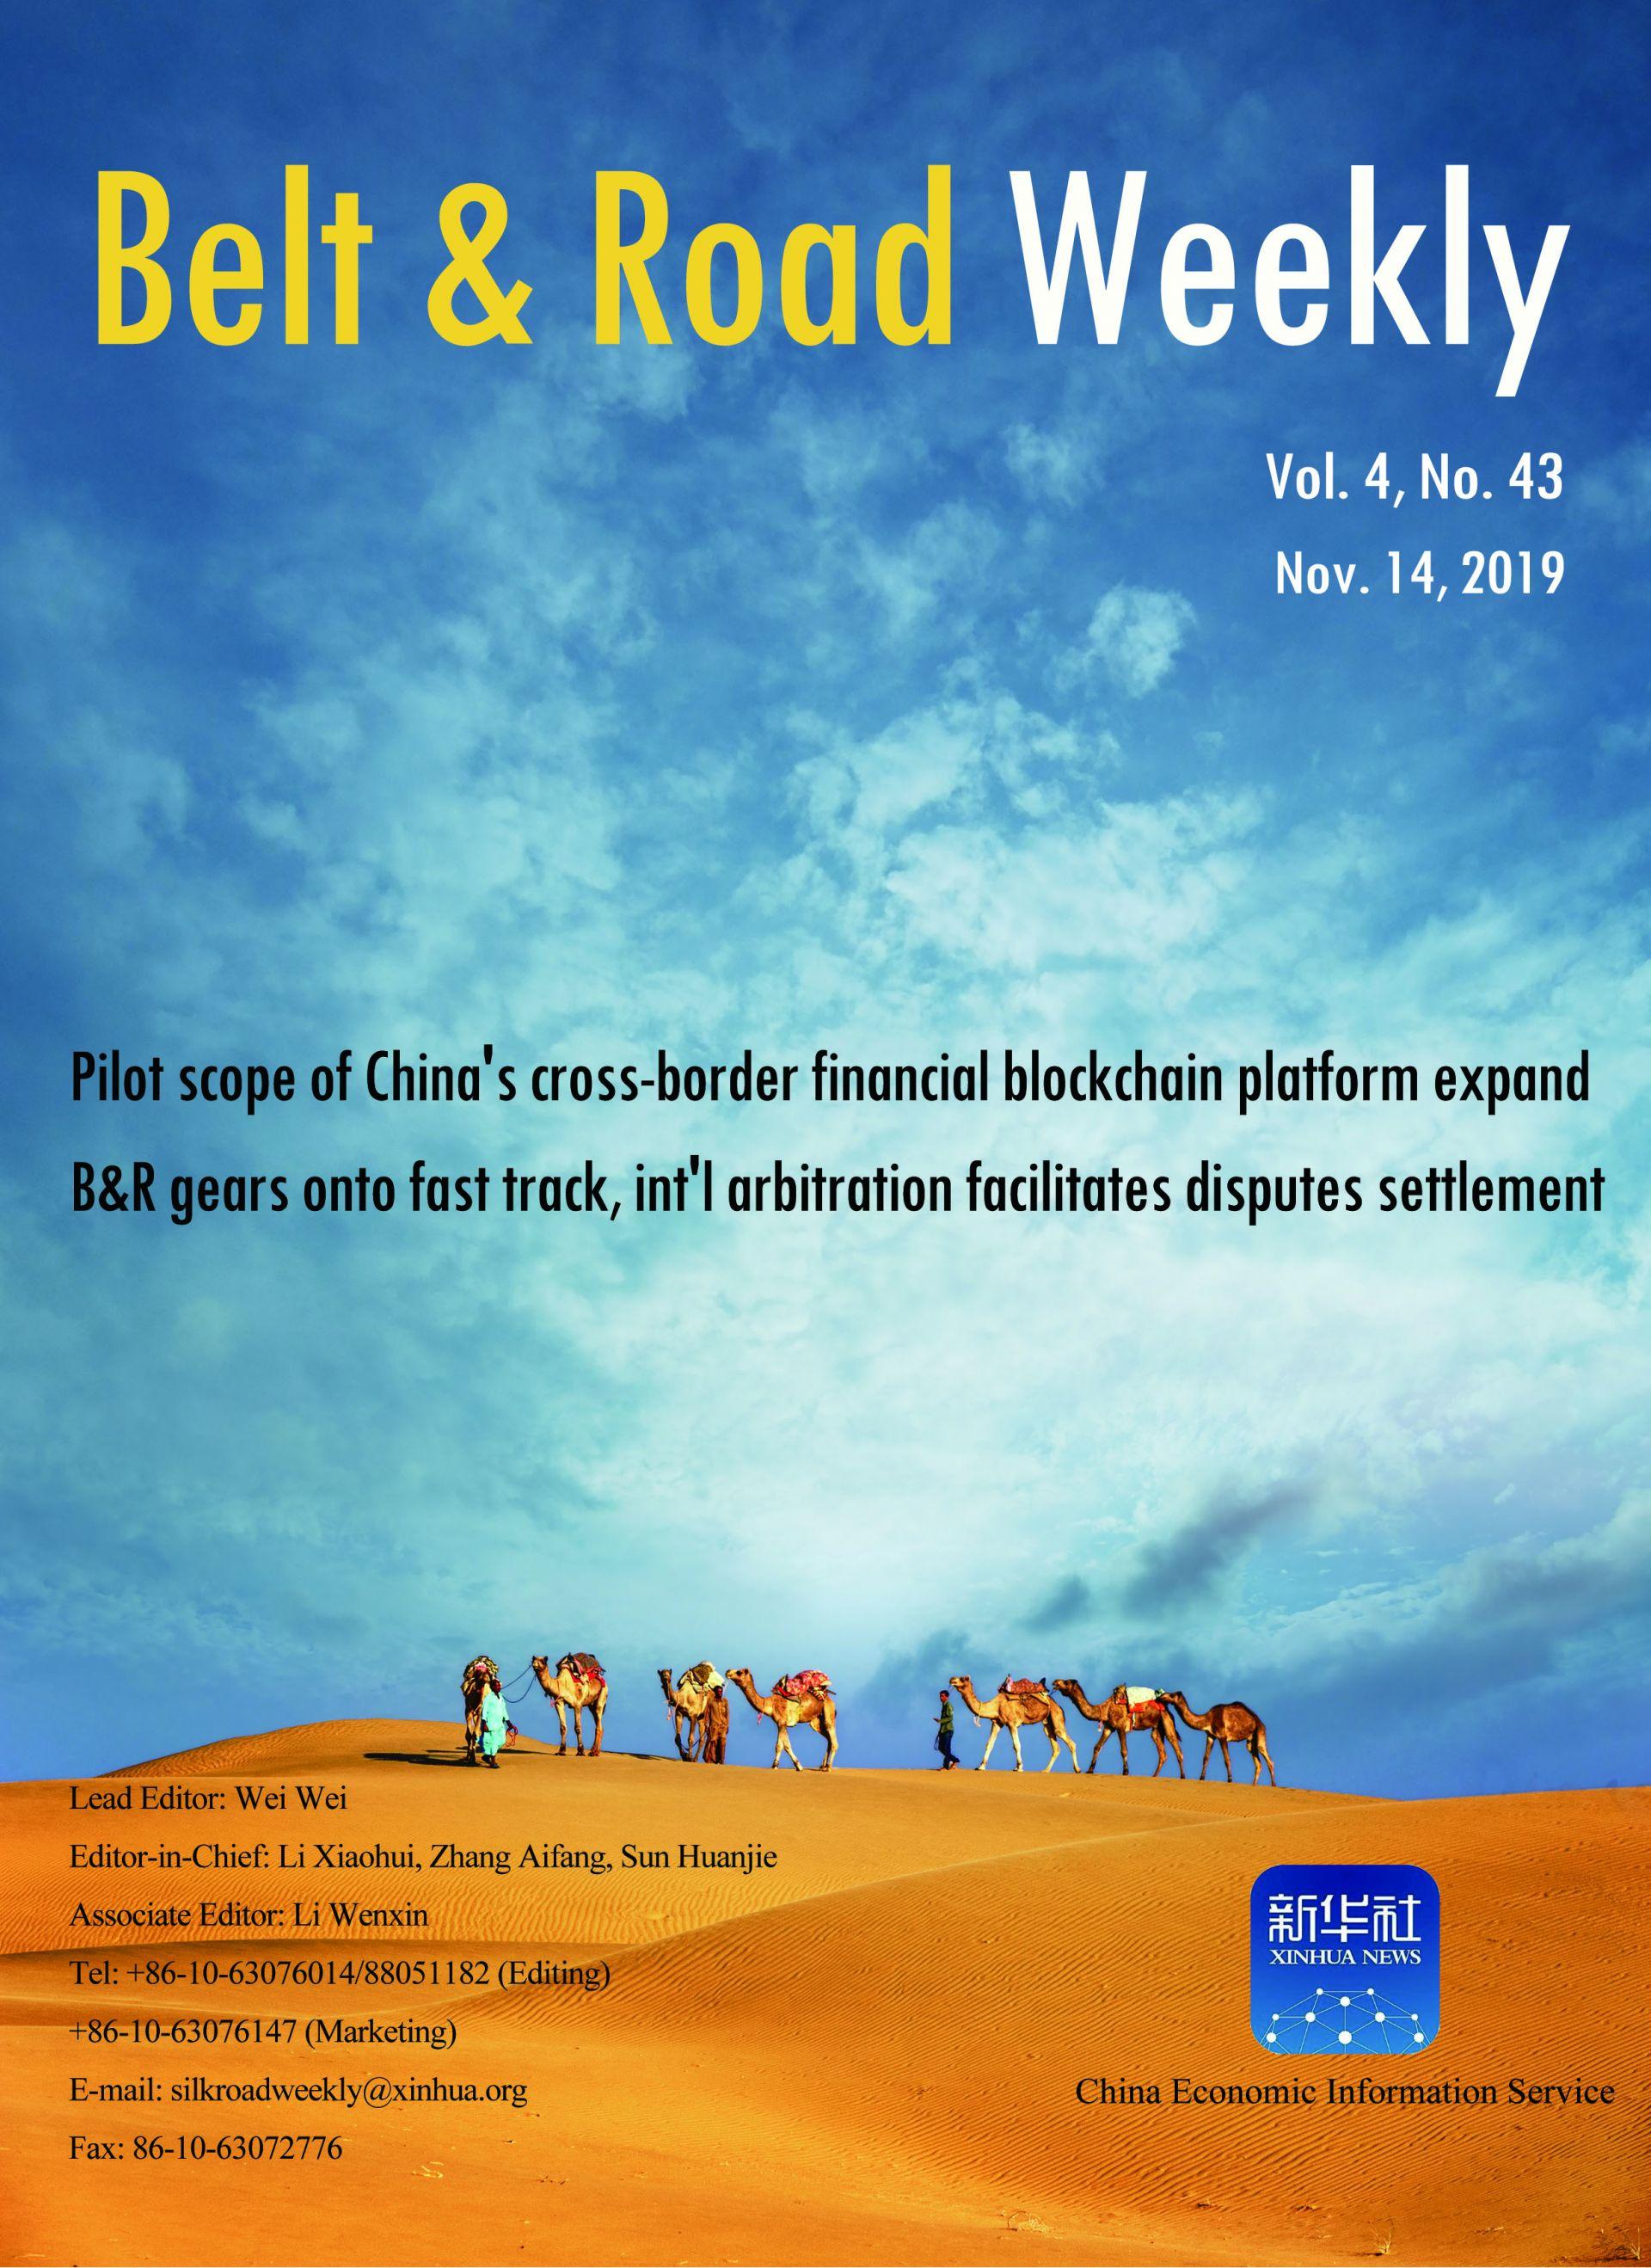 Belt & Road Weekly Vol. 4 No. 43